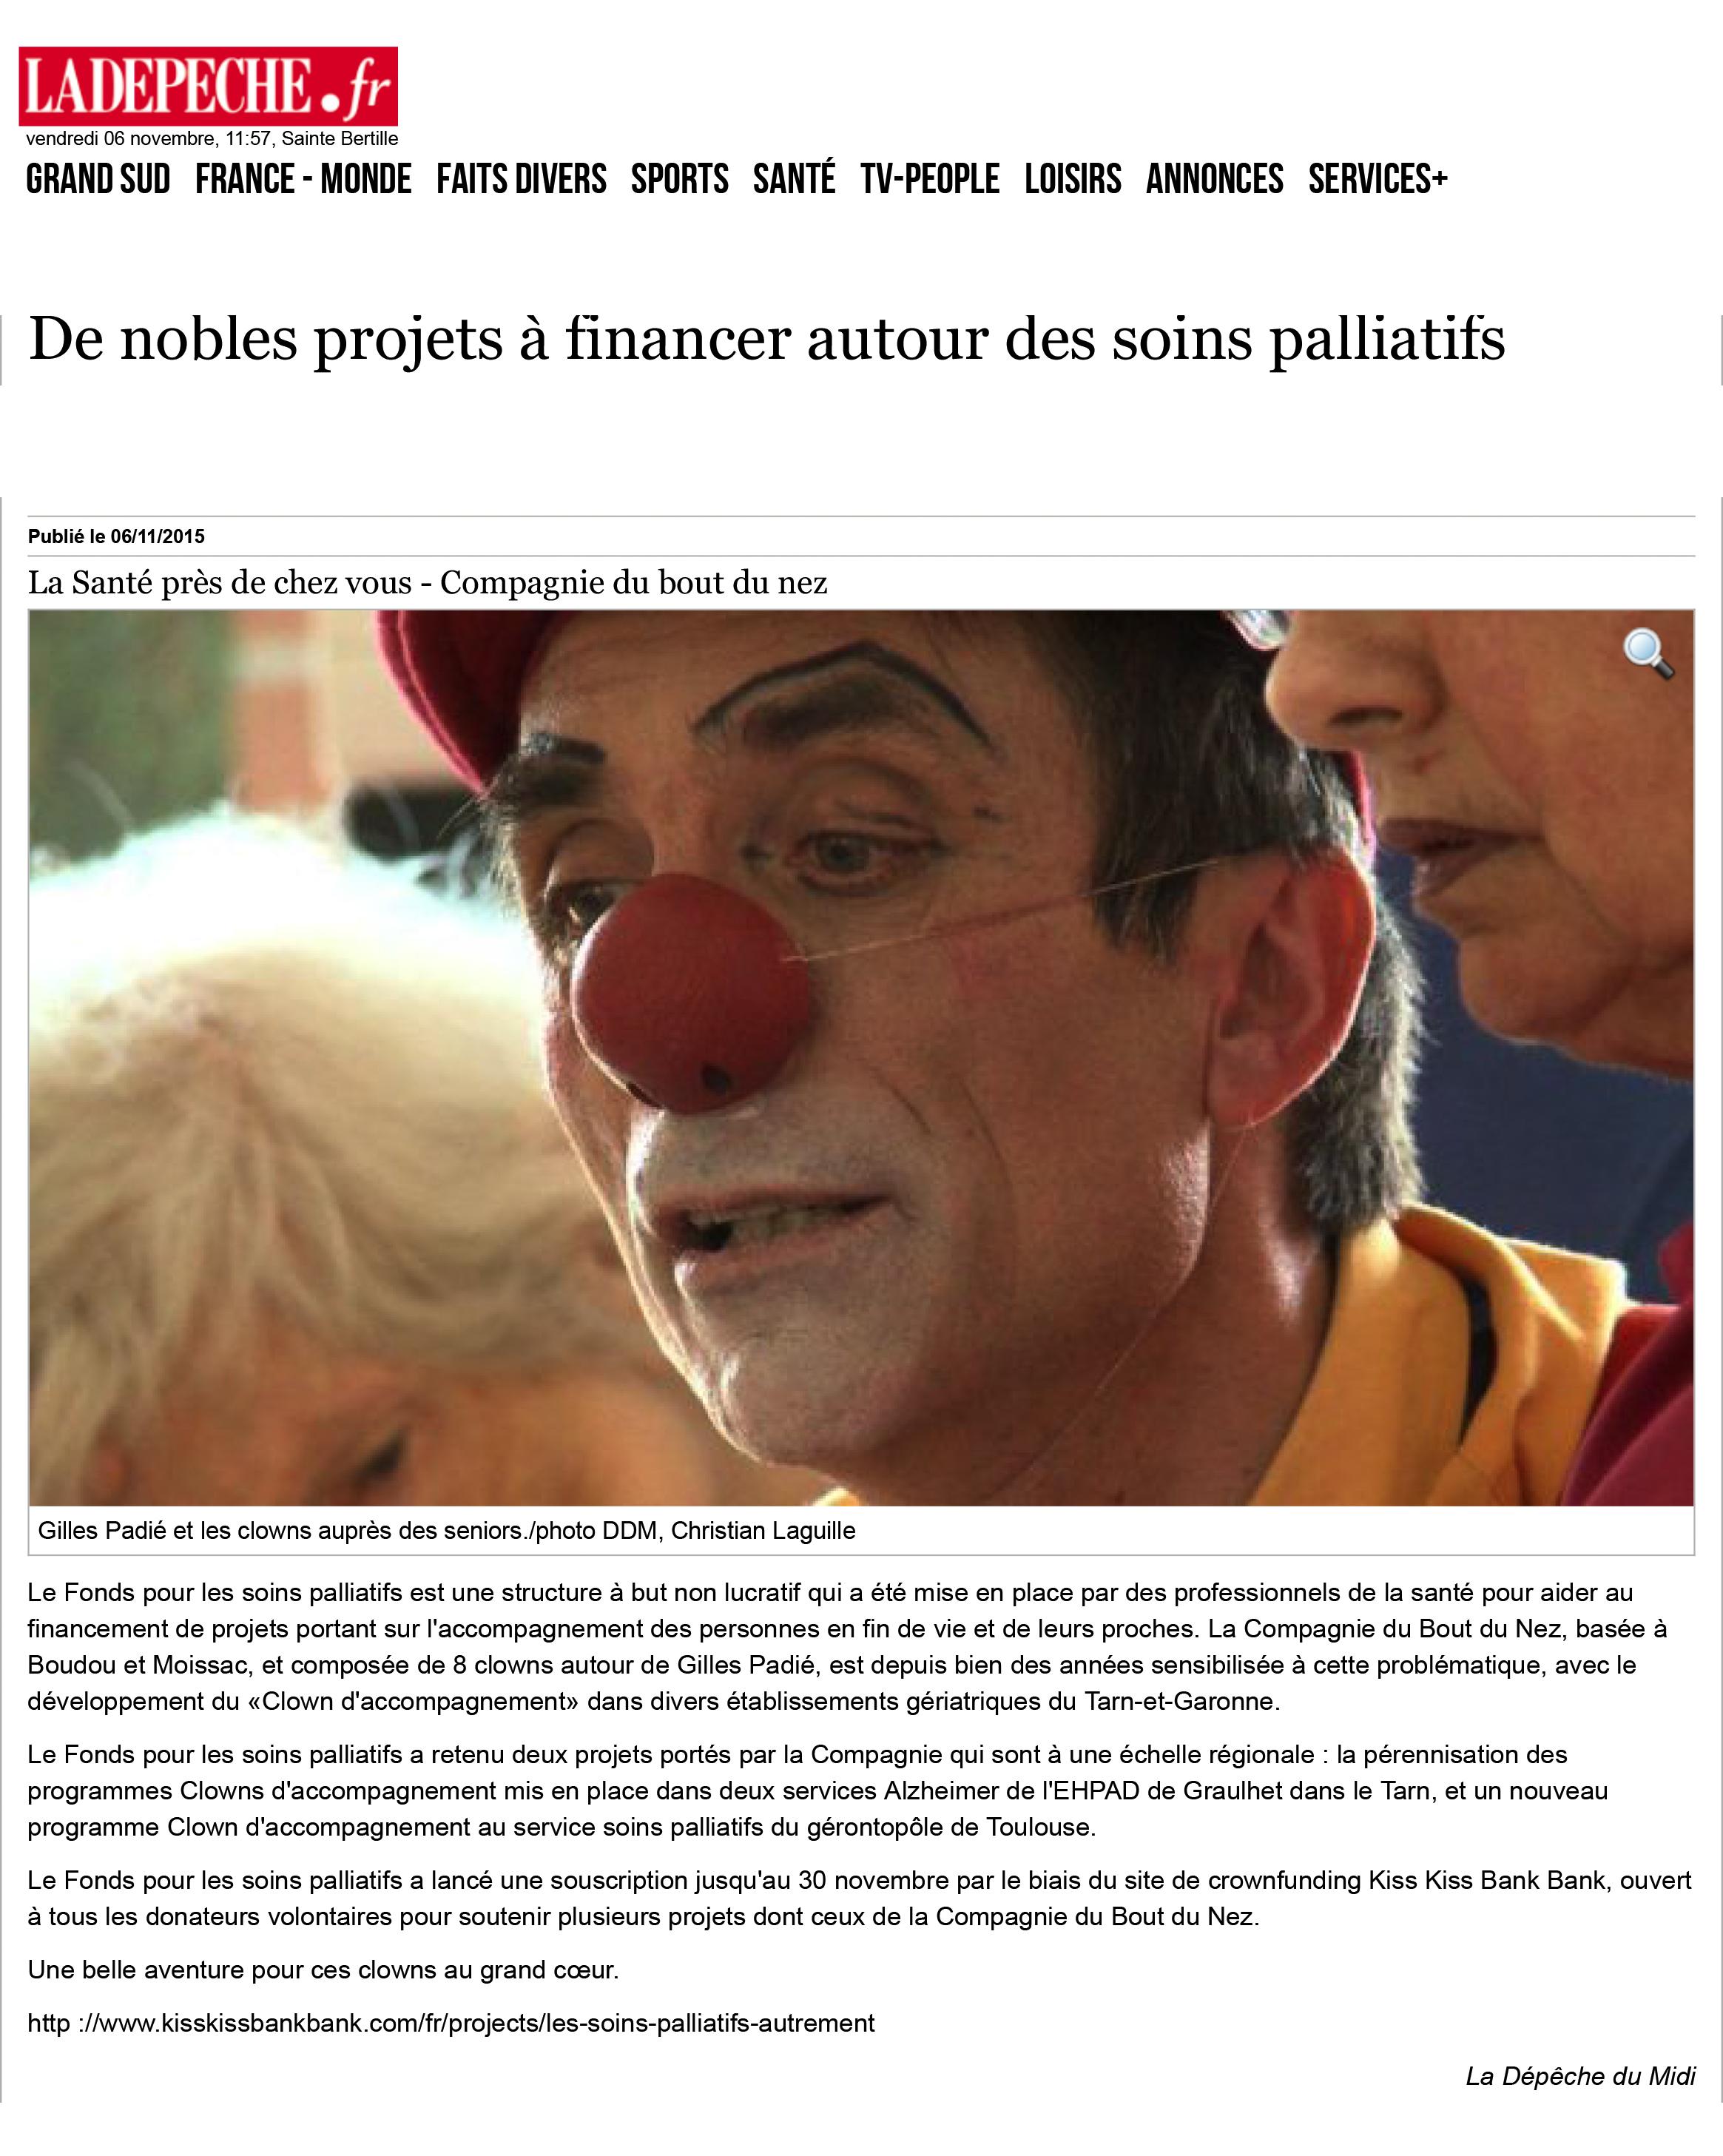 De nobles projets à financer autour des soins palliatifs - 06/1